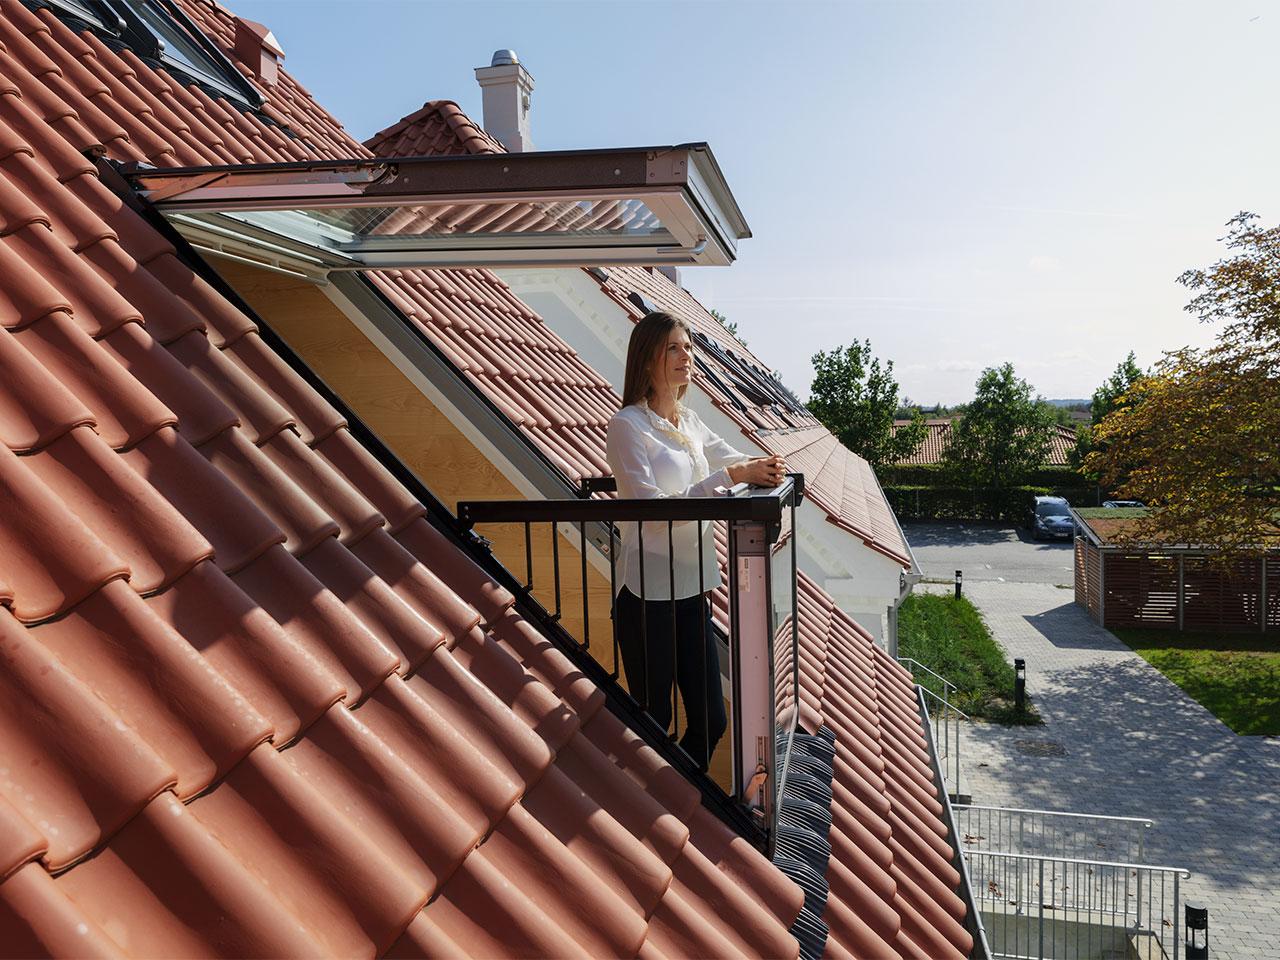 Full Size of Velux Fenster Preise Dachfenster Hornbach Preisliste 2019 Angebote 2018 Einbau Preis Velucabrio Vom Zum Dachaustritt Schüco Holz Alu Felux Auf Maß Mit Fenster Velux Fenster Preise